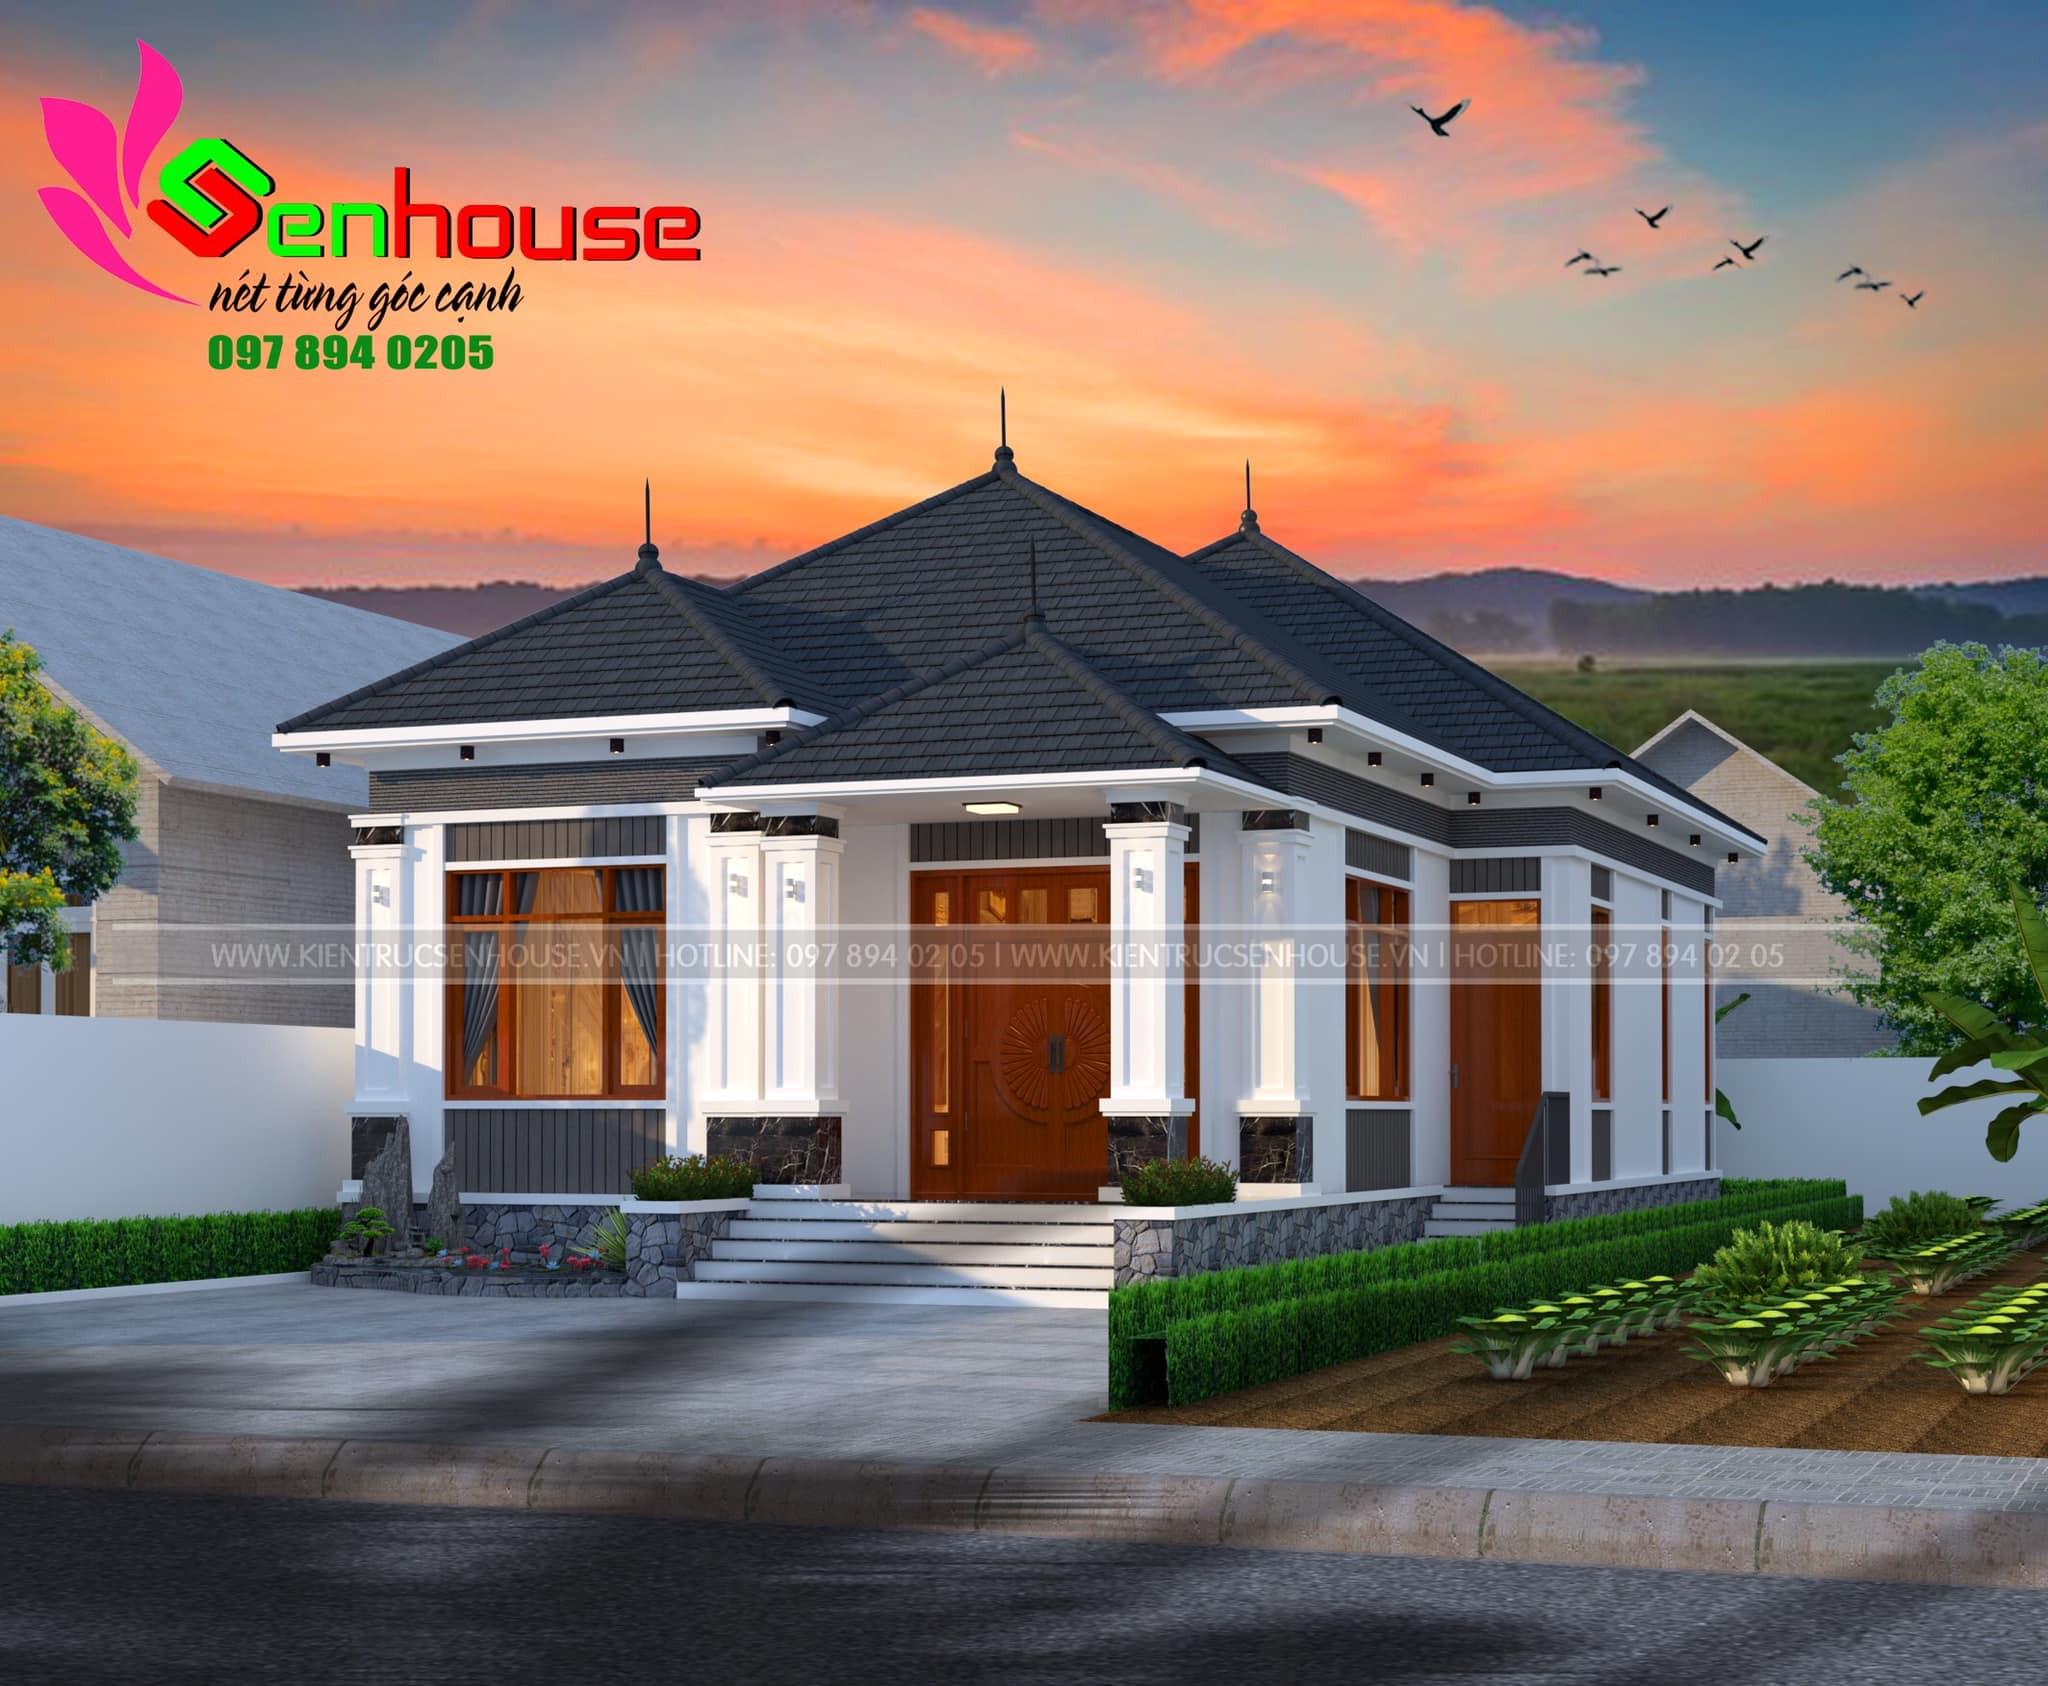 Thiết kế nhà cấp 4 mái nhật với 3 phòng ngủ của gia đình anh Nam tại Nghĩa Đàn